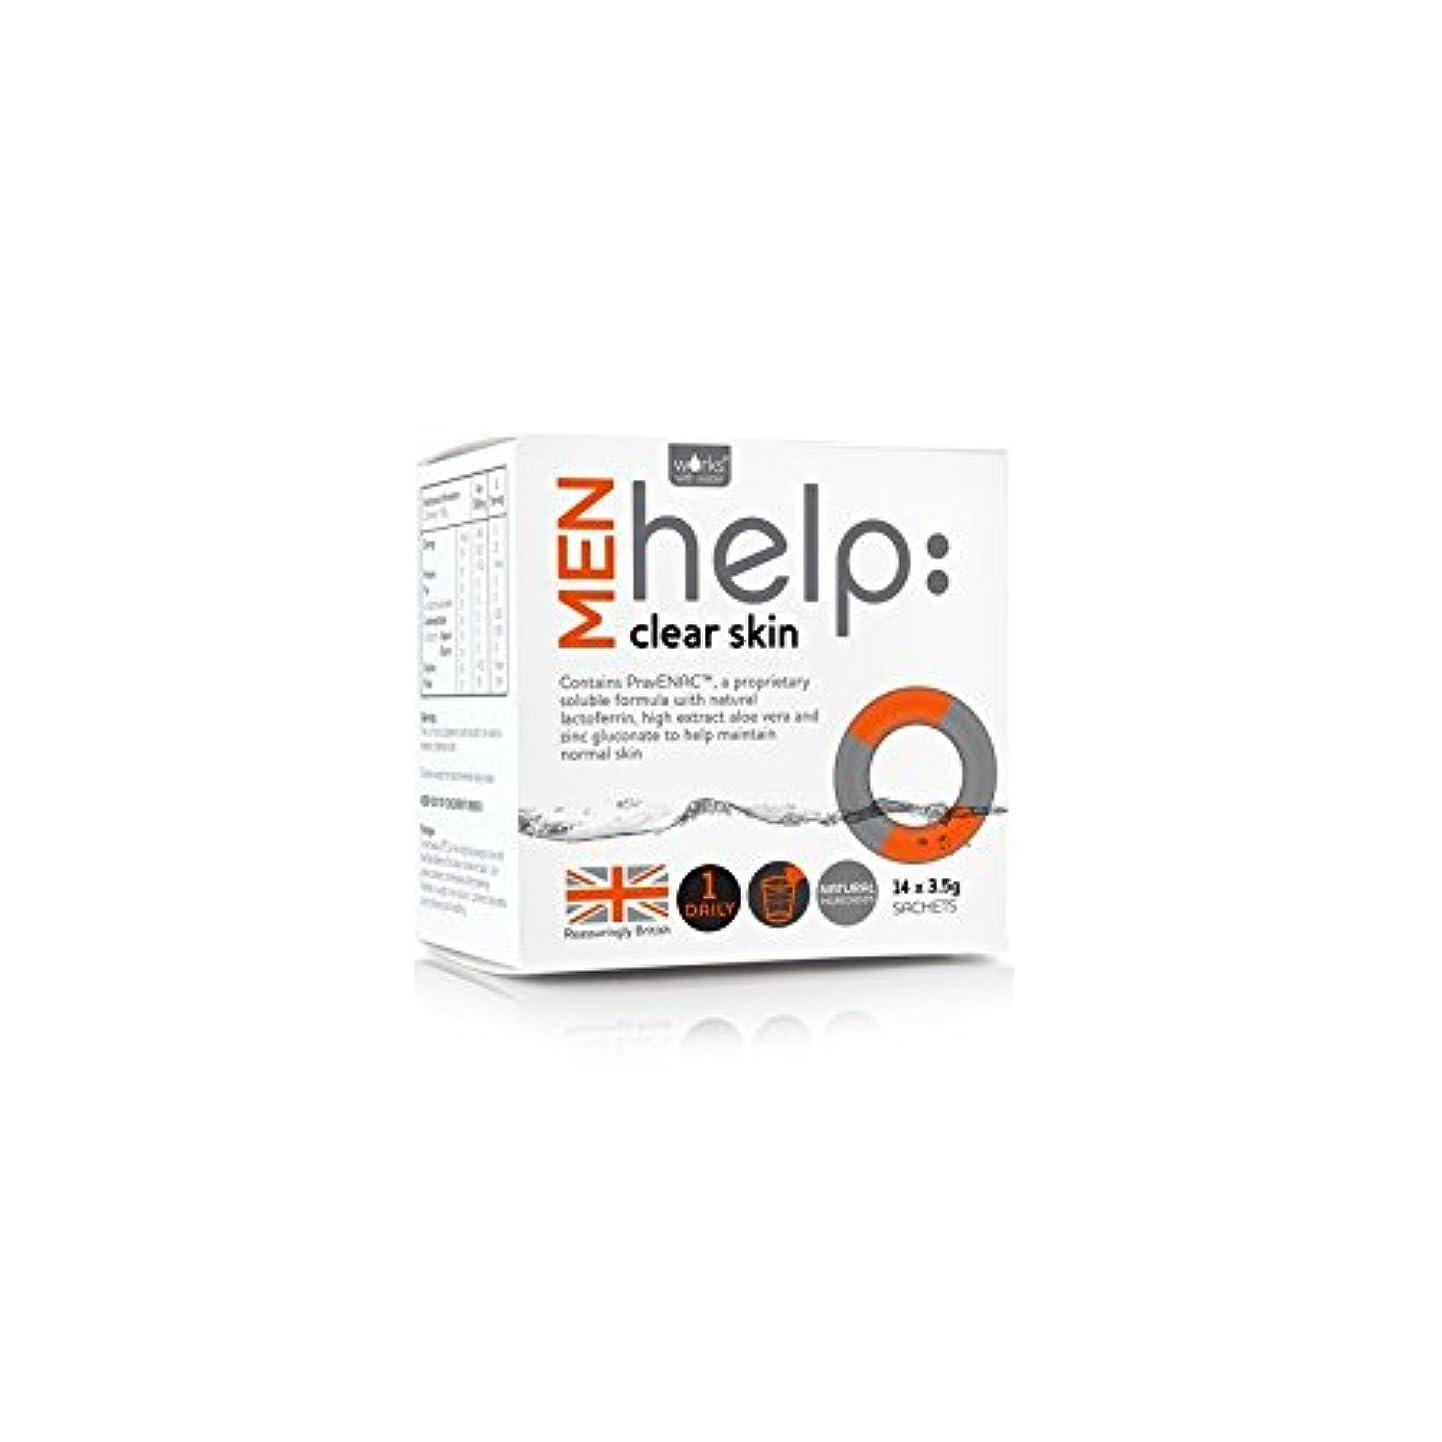 学士クルーズペックWorks With Water Men's Help: Clear Skin Soluble Supplement (14 X 3.5G) (Pack of 6) - クリアな肌可溶性サプリメント(14 3.5グラム)...